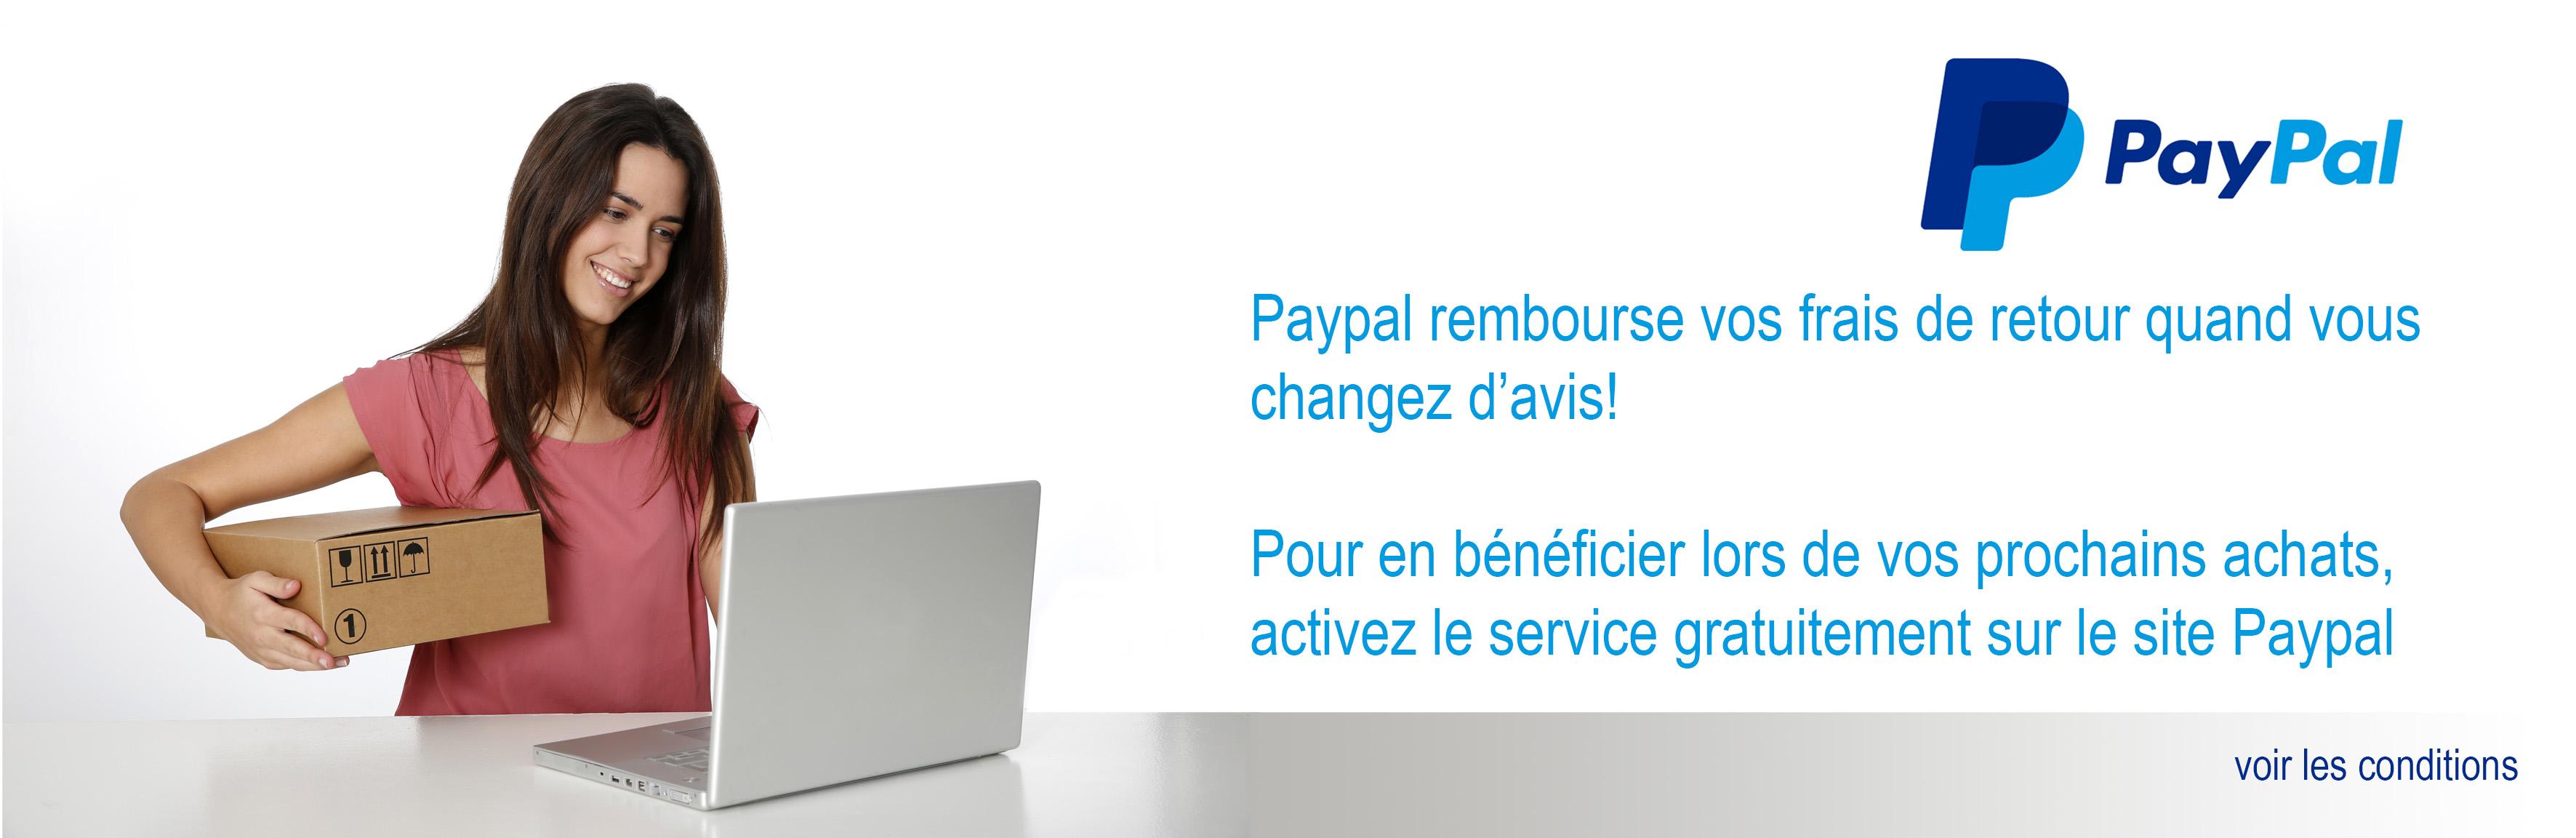 Paypal vous offre les frais de retour en cas de changement d'avis